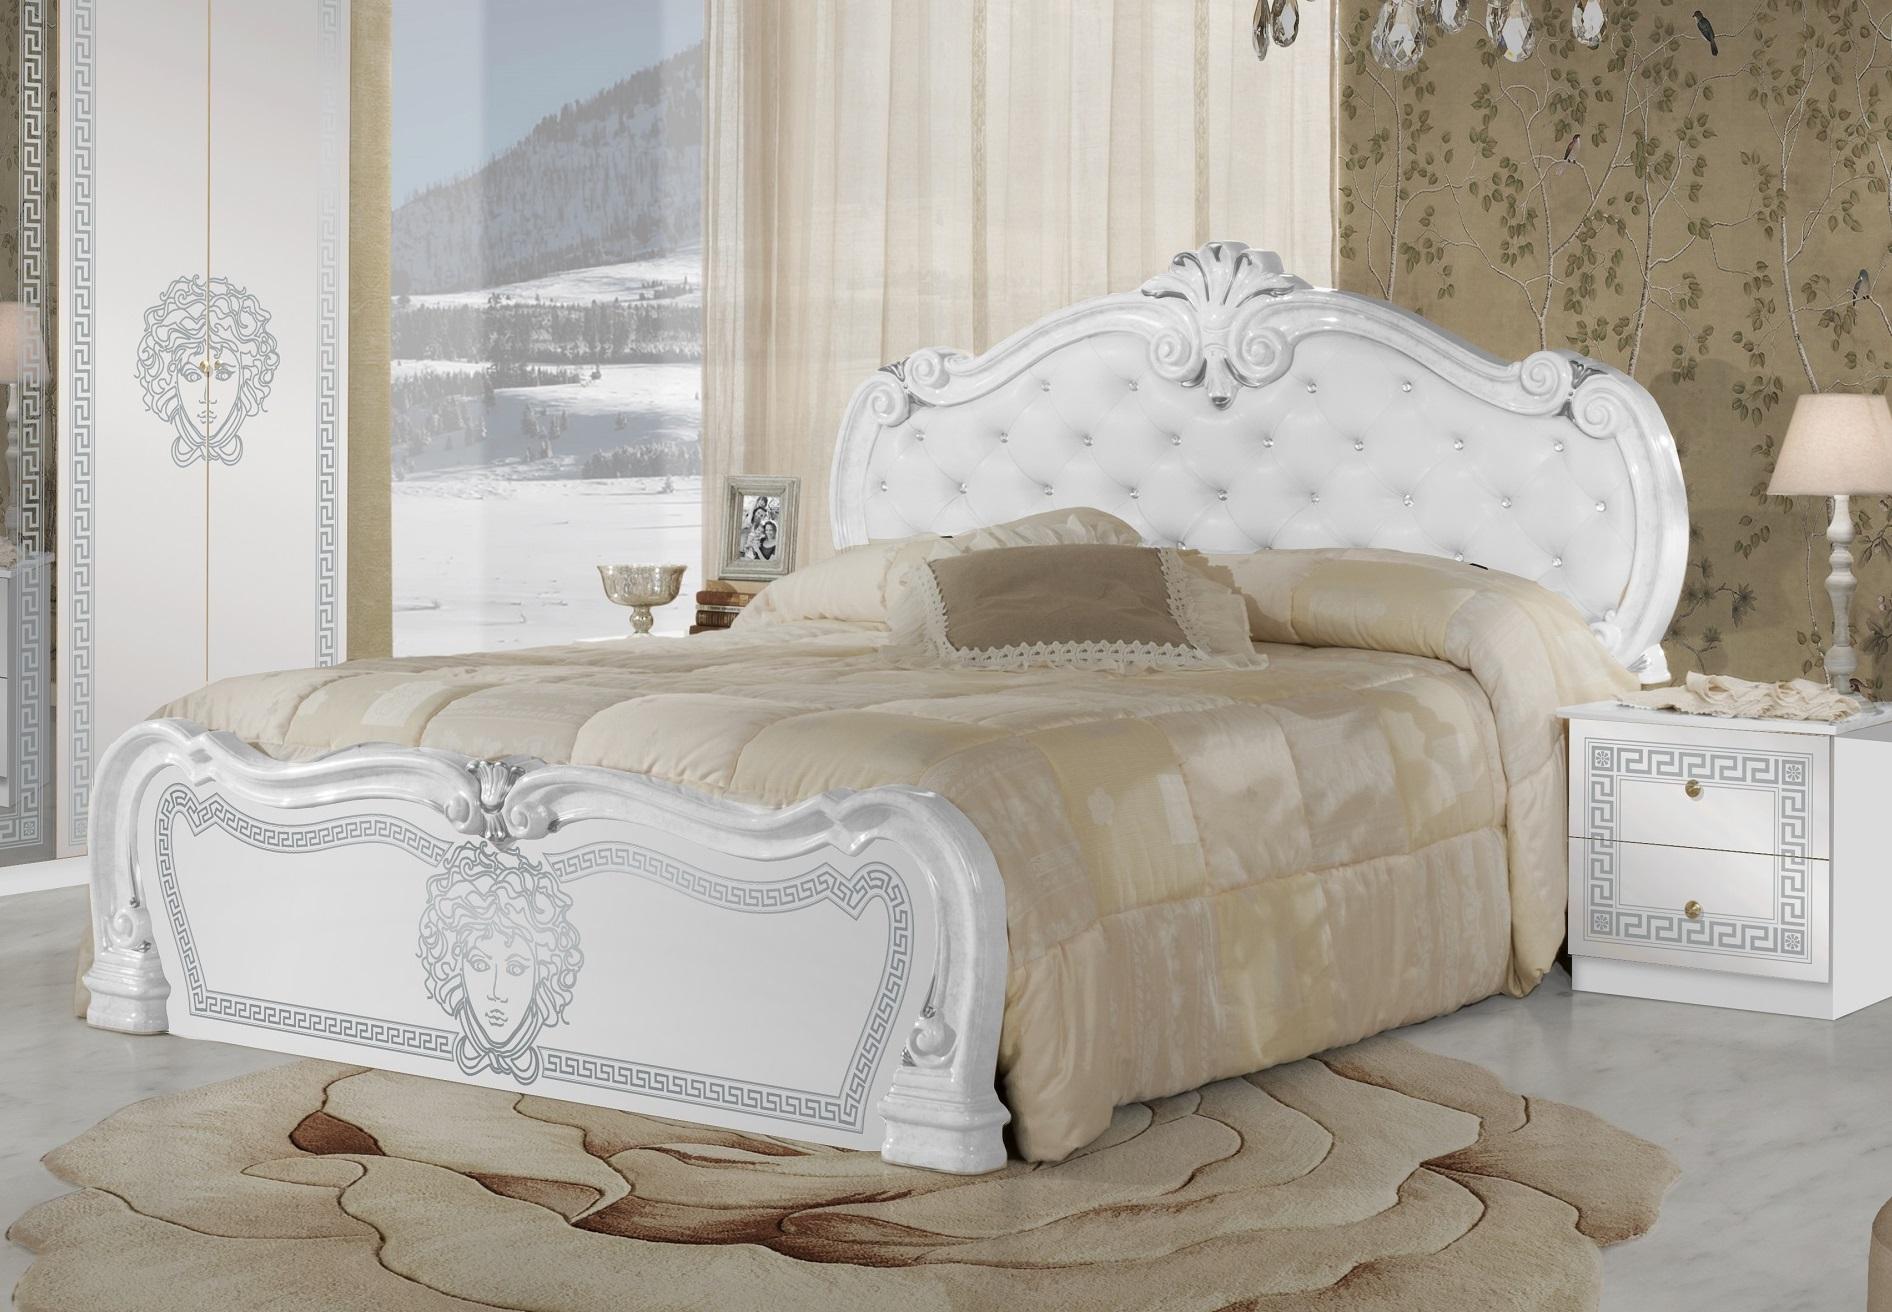 Full Size of Barock Bett 180x200 5cbf8c4682c07 Mit Hohem Kopfteil Joop Betten Schlafzimmer 180x220 Matratze Und Lattenrost überlänge 140x200 Einzelbett Bei Ikea Günstig Wohnzimmer Barock Bett 180x200